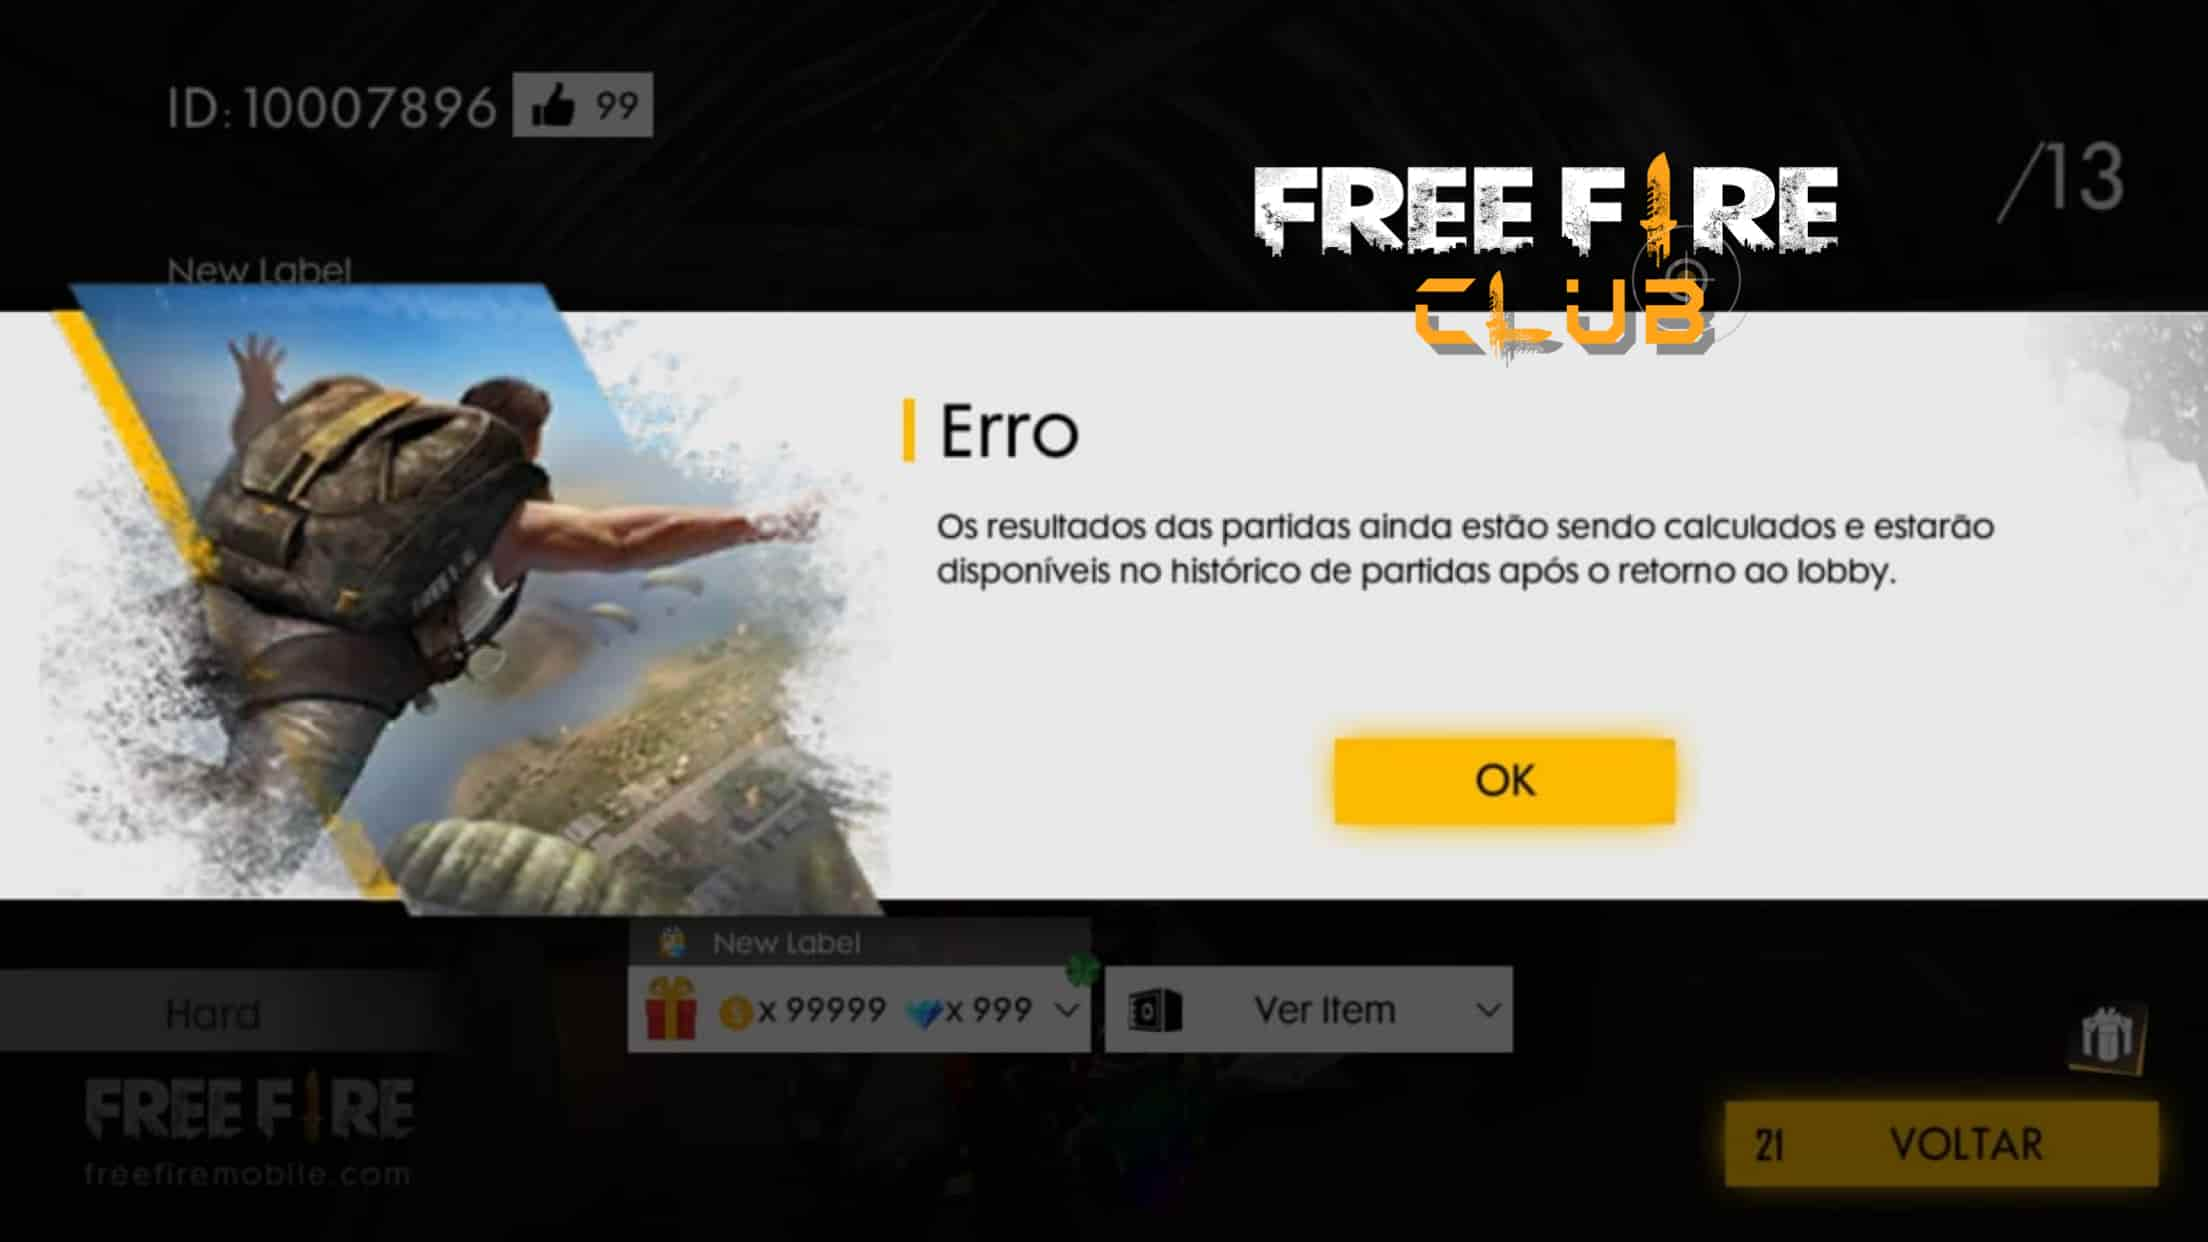 FREE FIRE ESTÁ BUGADO HOJE: VEJA O QUE FAZER